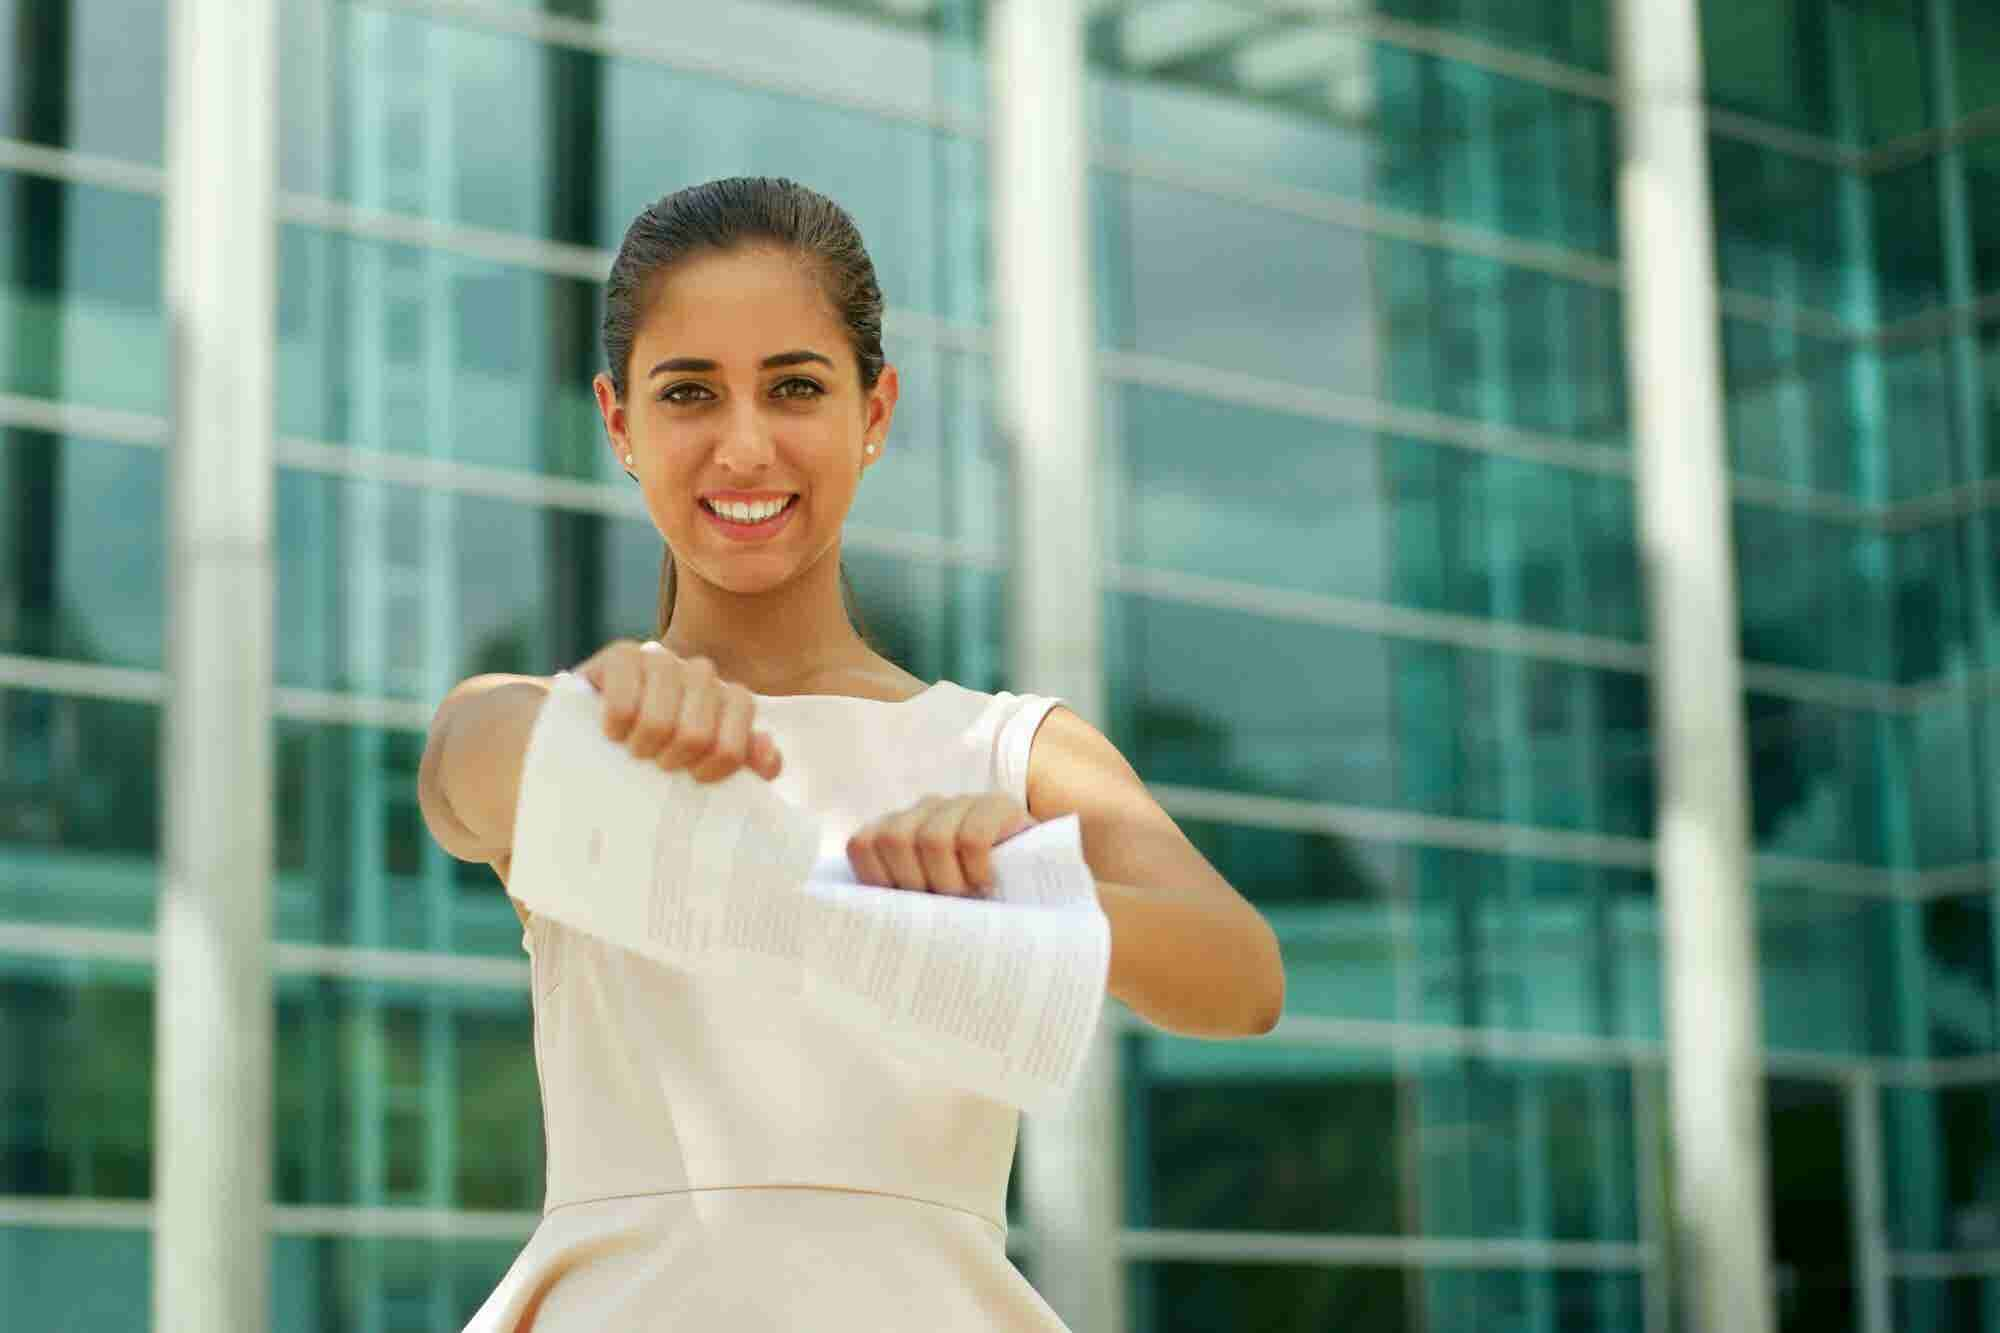 Cómo renunciar a tu empleo y comenzar tu negocio en 90 días